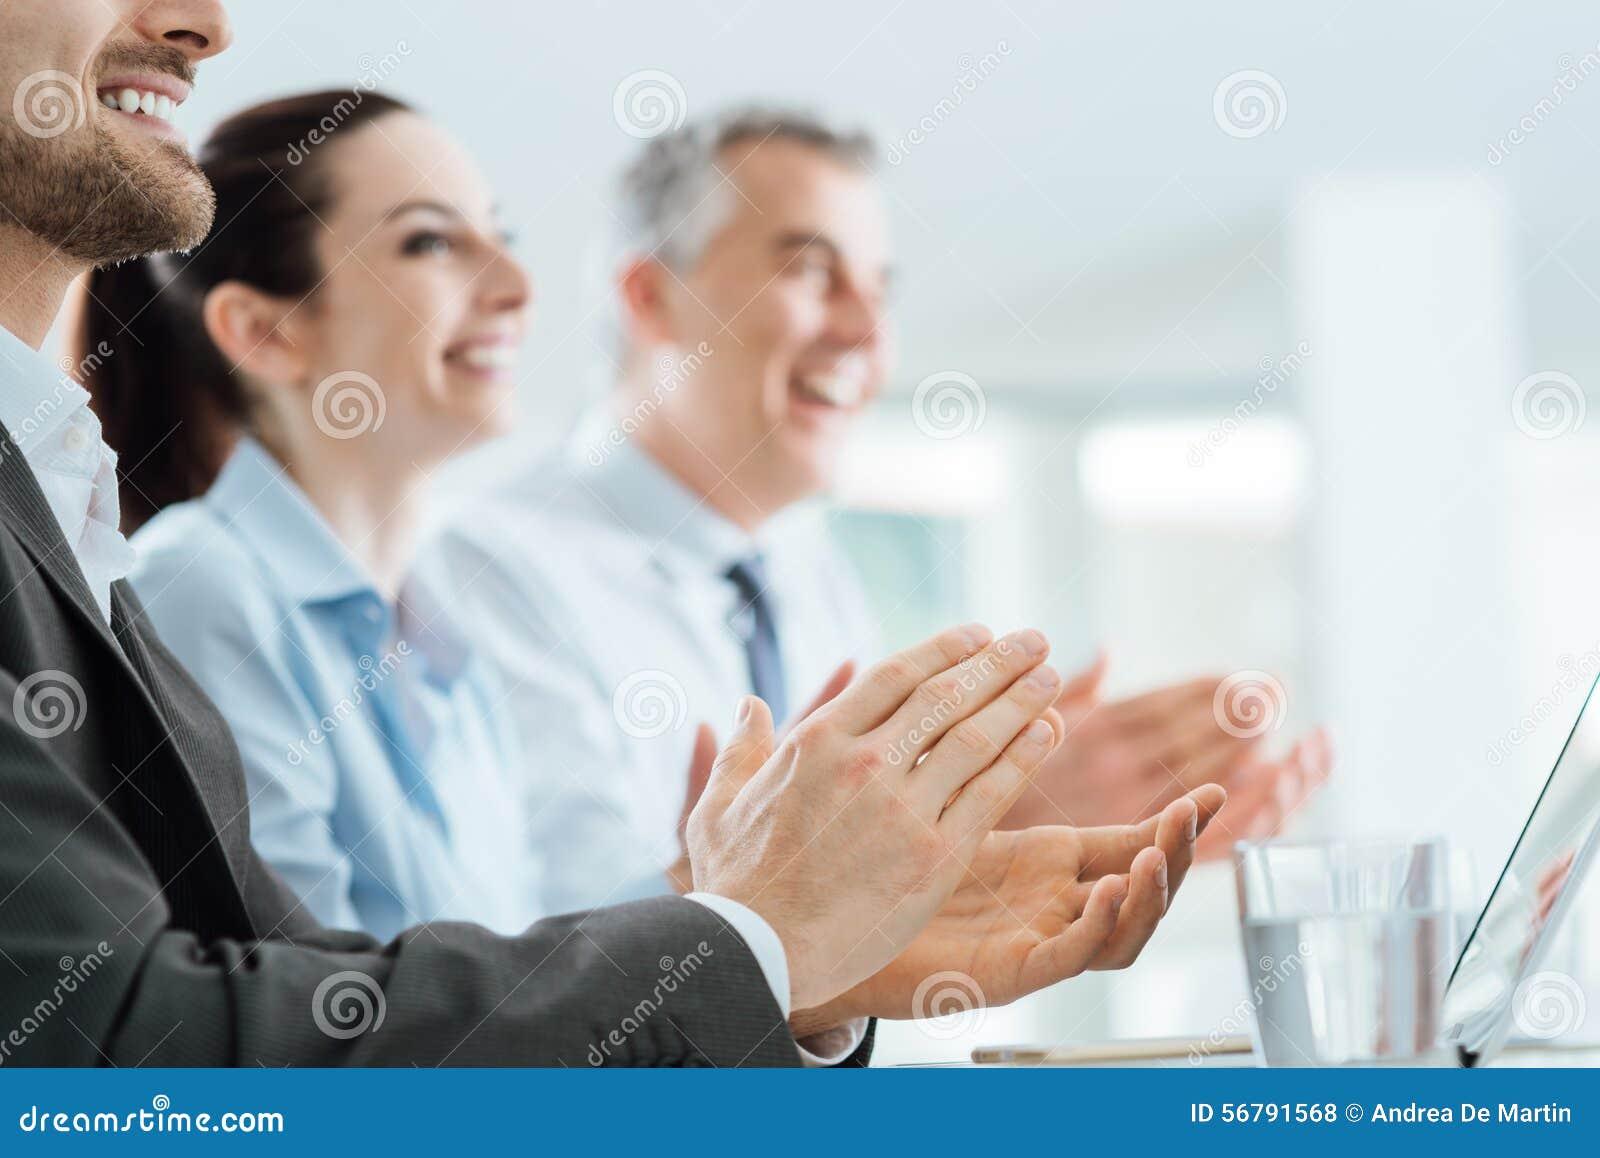 Ludzie biznesu klascze ręki podczas konwersatorium